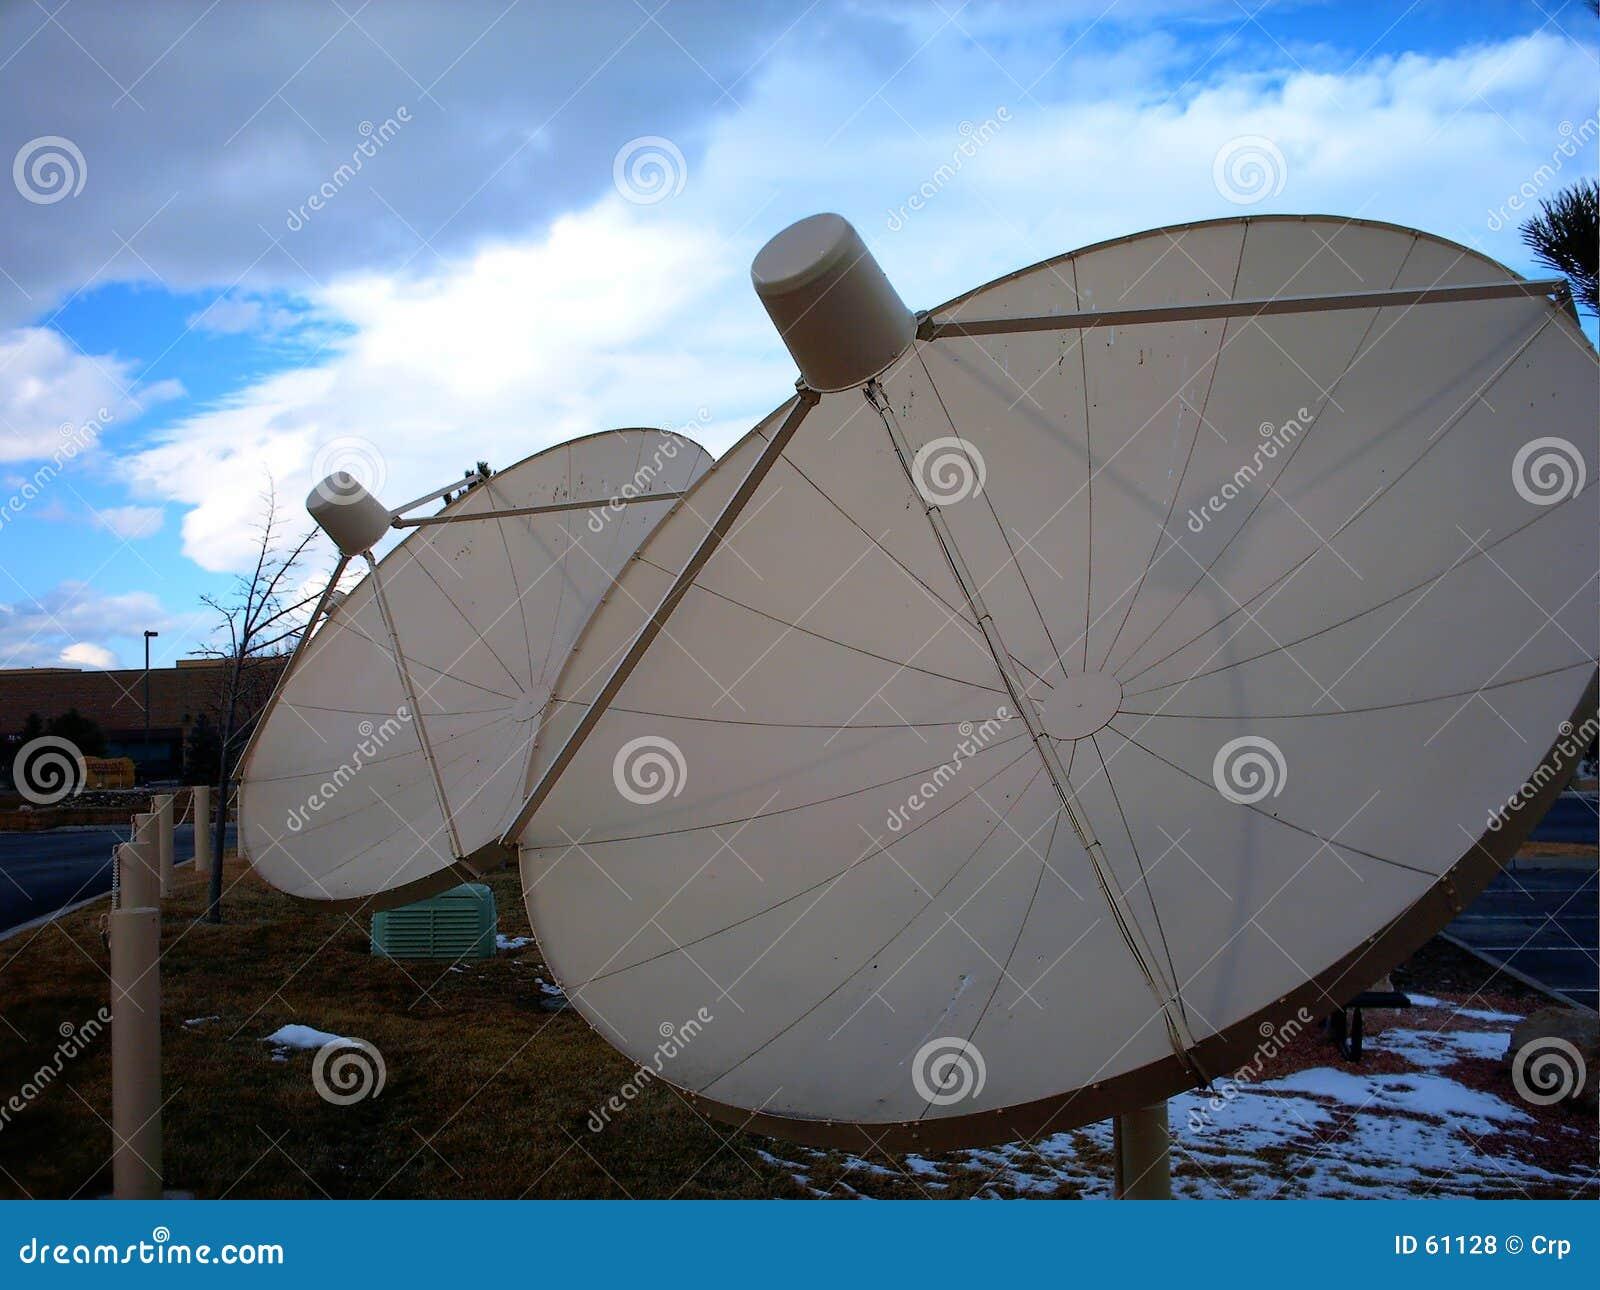 Tvro satelitarny dotyczy